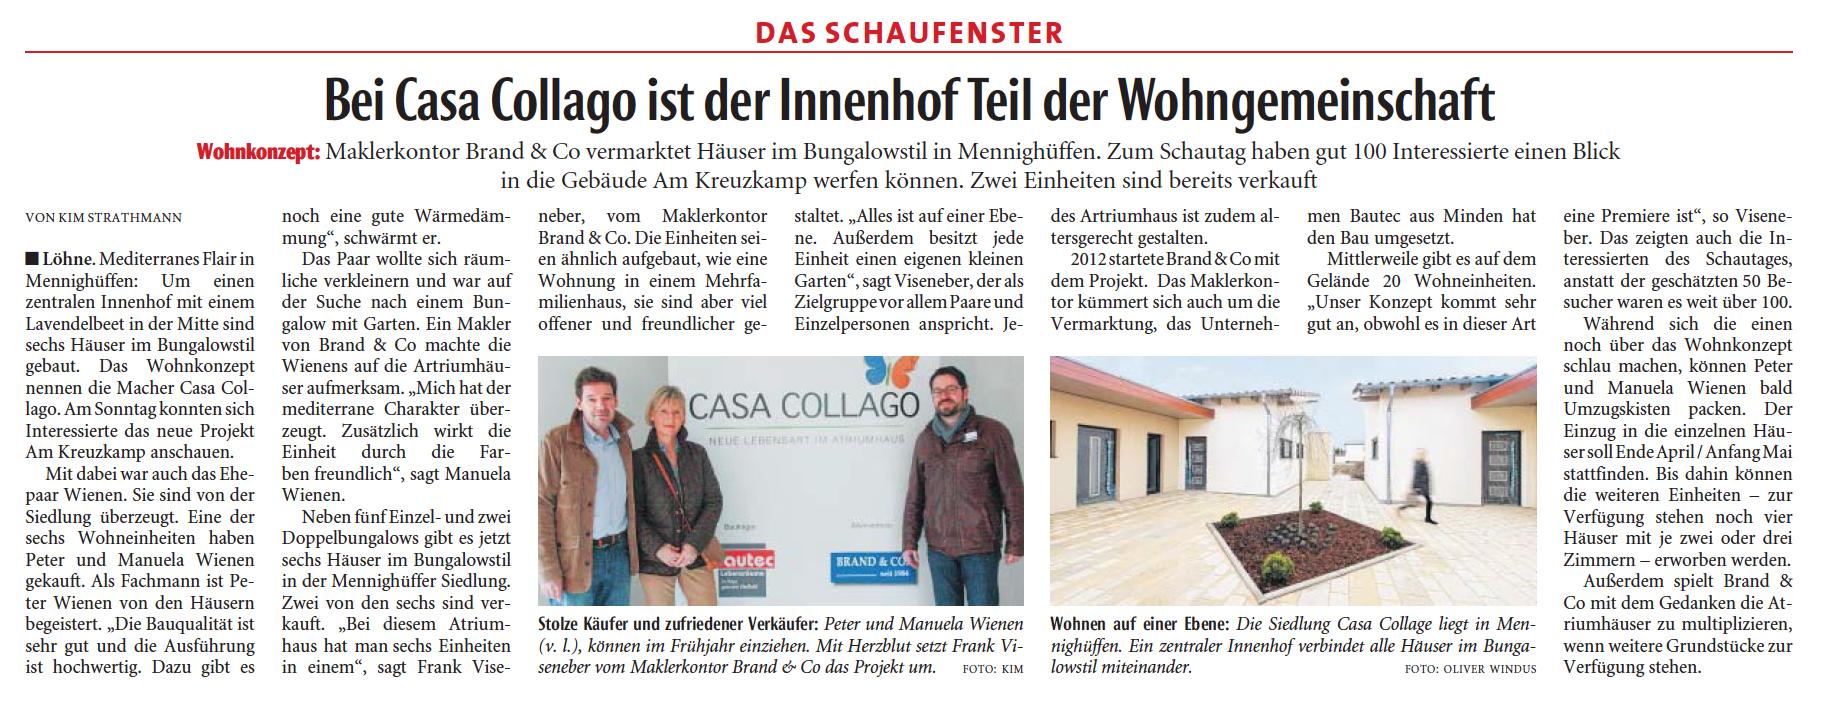 Nachbericht: redaktioneller Beitrag in der örtlichen Tageszeitung – Reaktion auf den erfolgreichen Schautag.